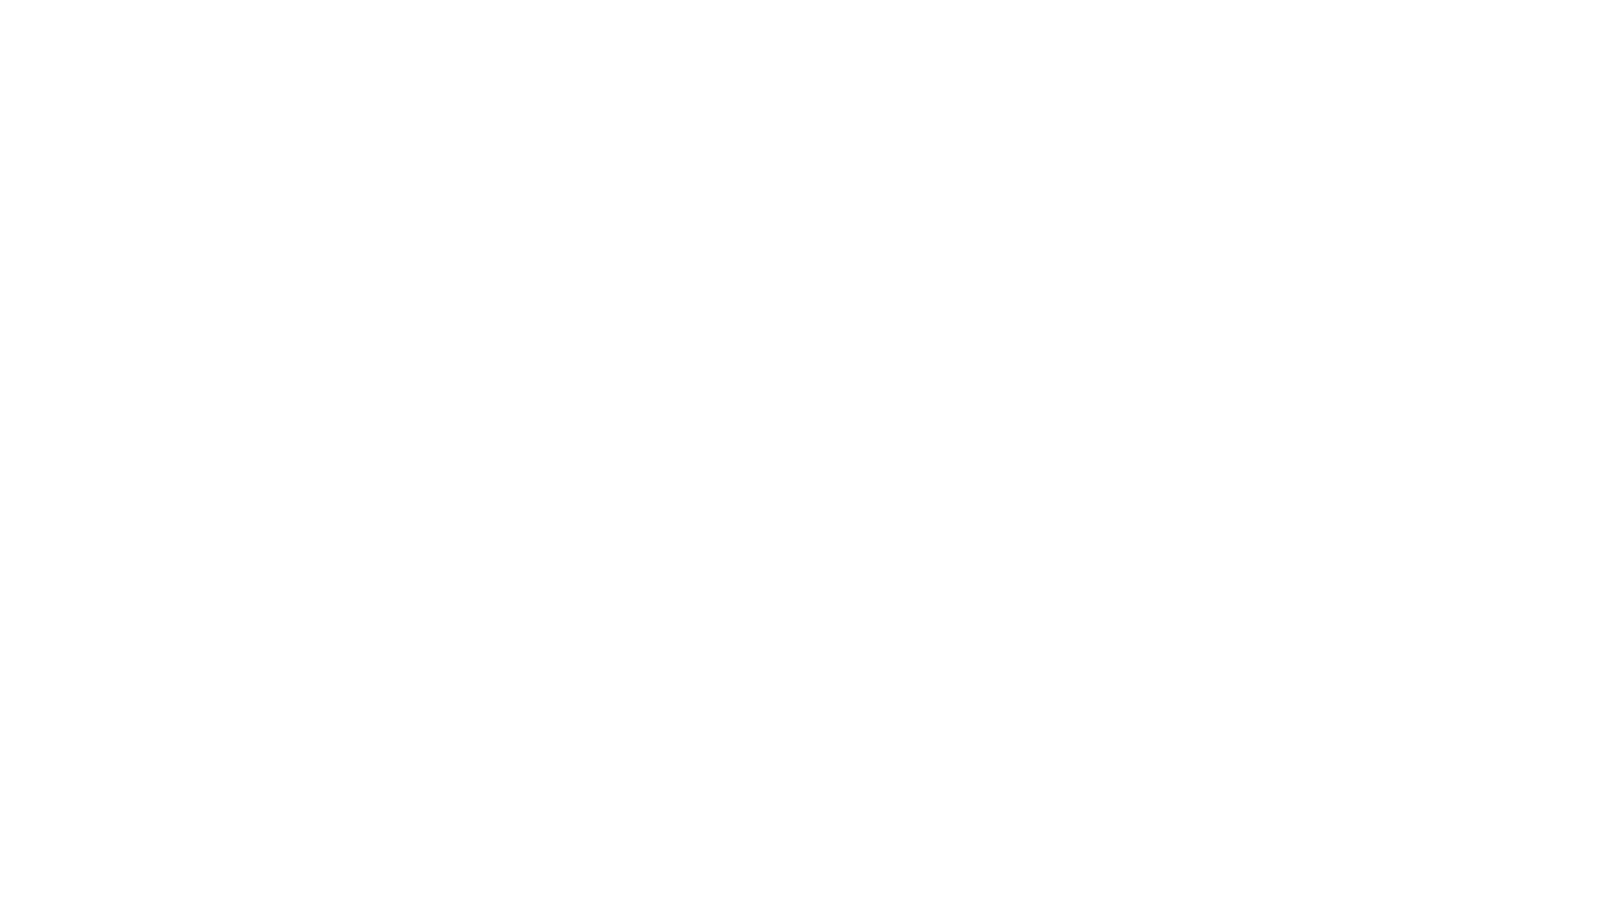 https://www.lericettedellacontea.it/ricetta-paella-ai-frutti-di-mare/  La paella di mare o paella de marisco, è il piatto unico per eccellenza della cucina spagnola a base di riso. A differenza di quella valenciana, dove si utilizza anche la carne, in questa ricetta va utilizzato solo il pesce o meglio i molluschi come cozze, gamberi, calamari ecc. E' chiaro che più pesce si utilizza, più gusto si dà alla paella. Solitamente in cottura, per questa ricetta, viene aggiunta la passata di pomodoro ( per queste dosi ne serve circa 200 g. ), io ho preferito utilizzare il doppio concentrato, che da un gusto particolare al piatto, mentre ho sostituito i calamari con i totani ed aggiunto le seppie. Un piatto delizioso.  Paella ai frutti di mare